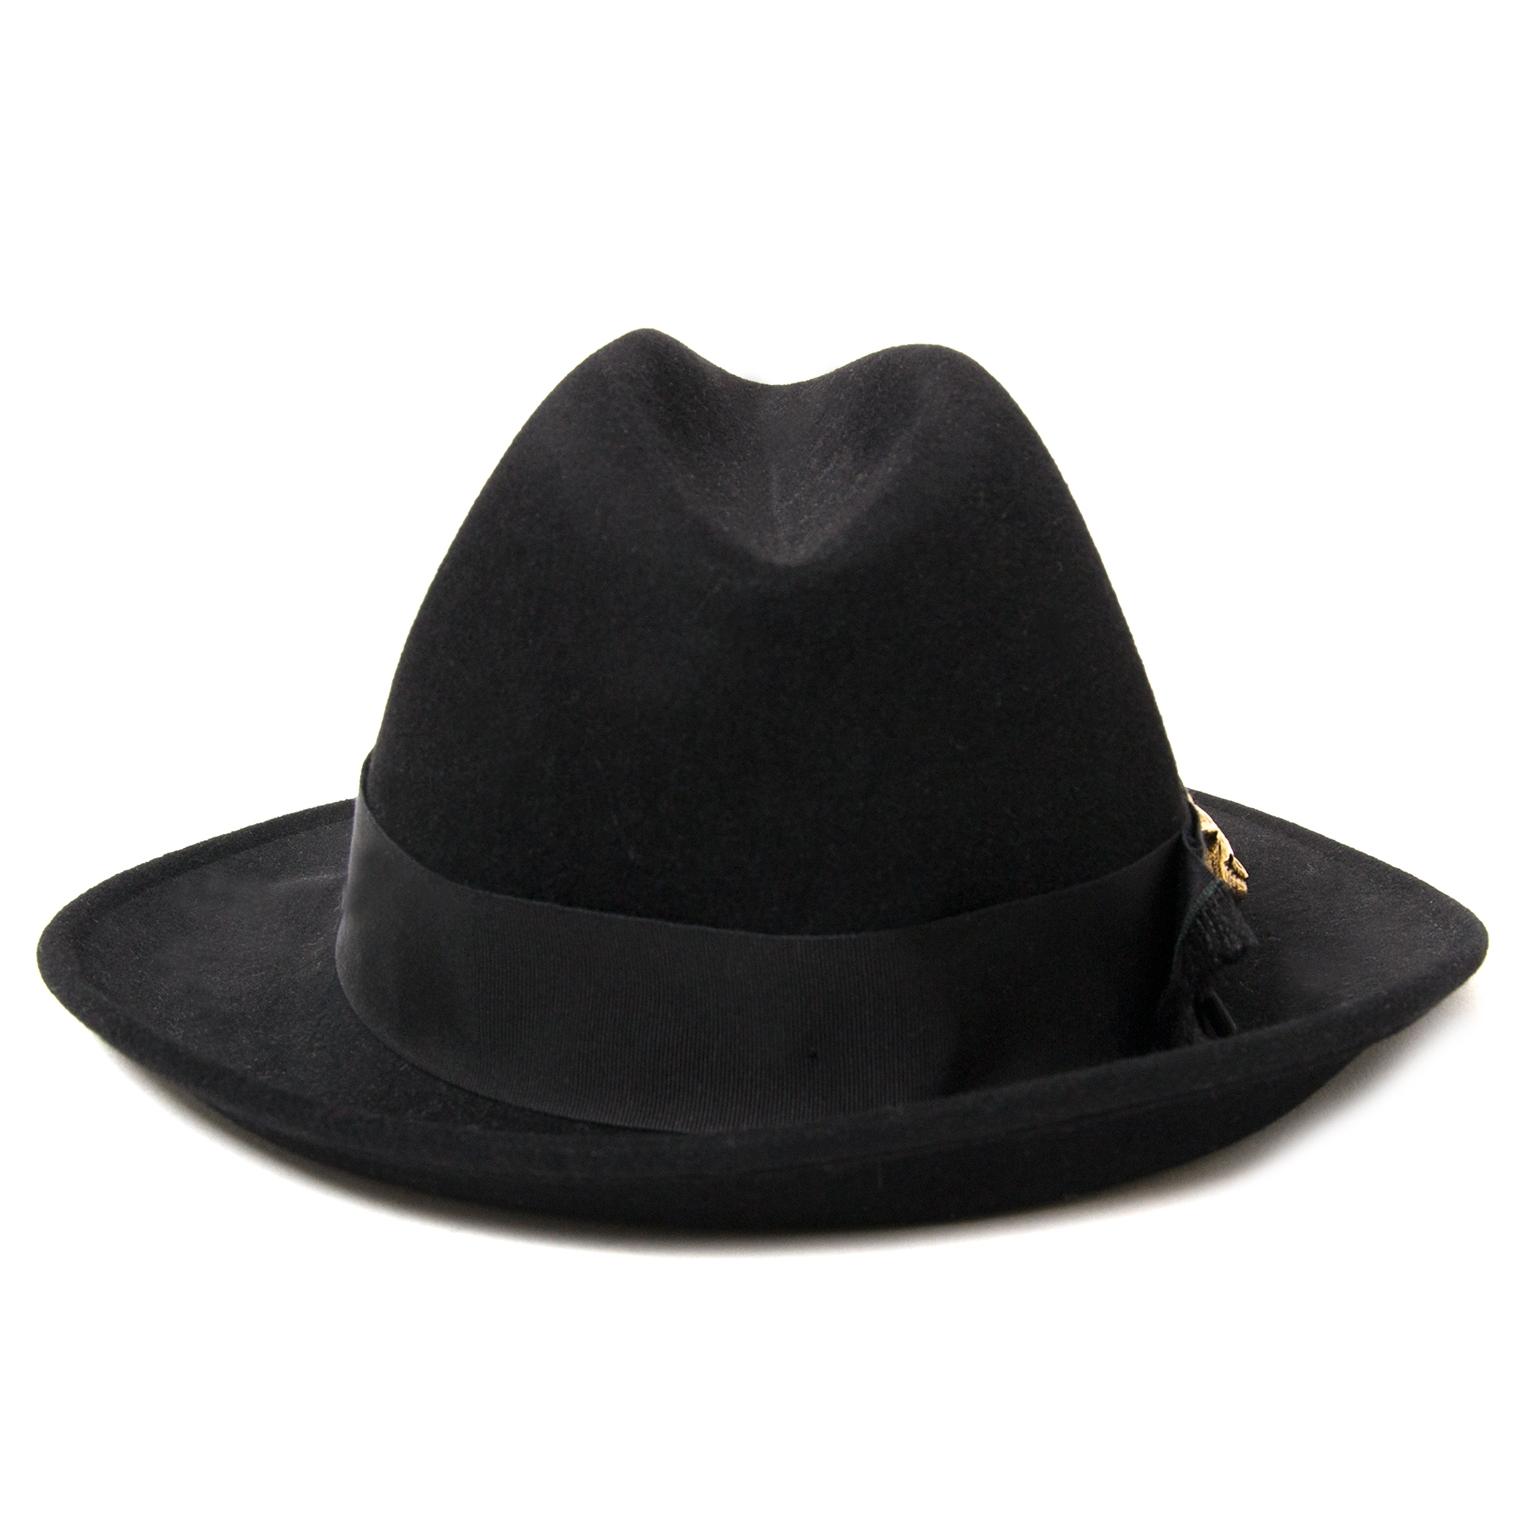 Koop en verkoop uw authentieke Gucci Black Wool Felt Hat